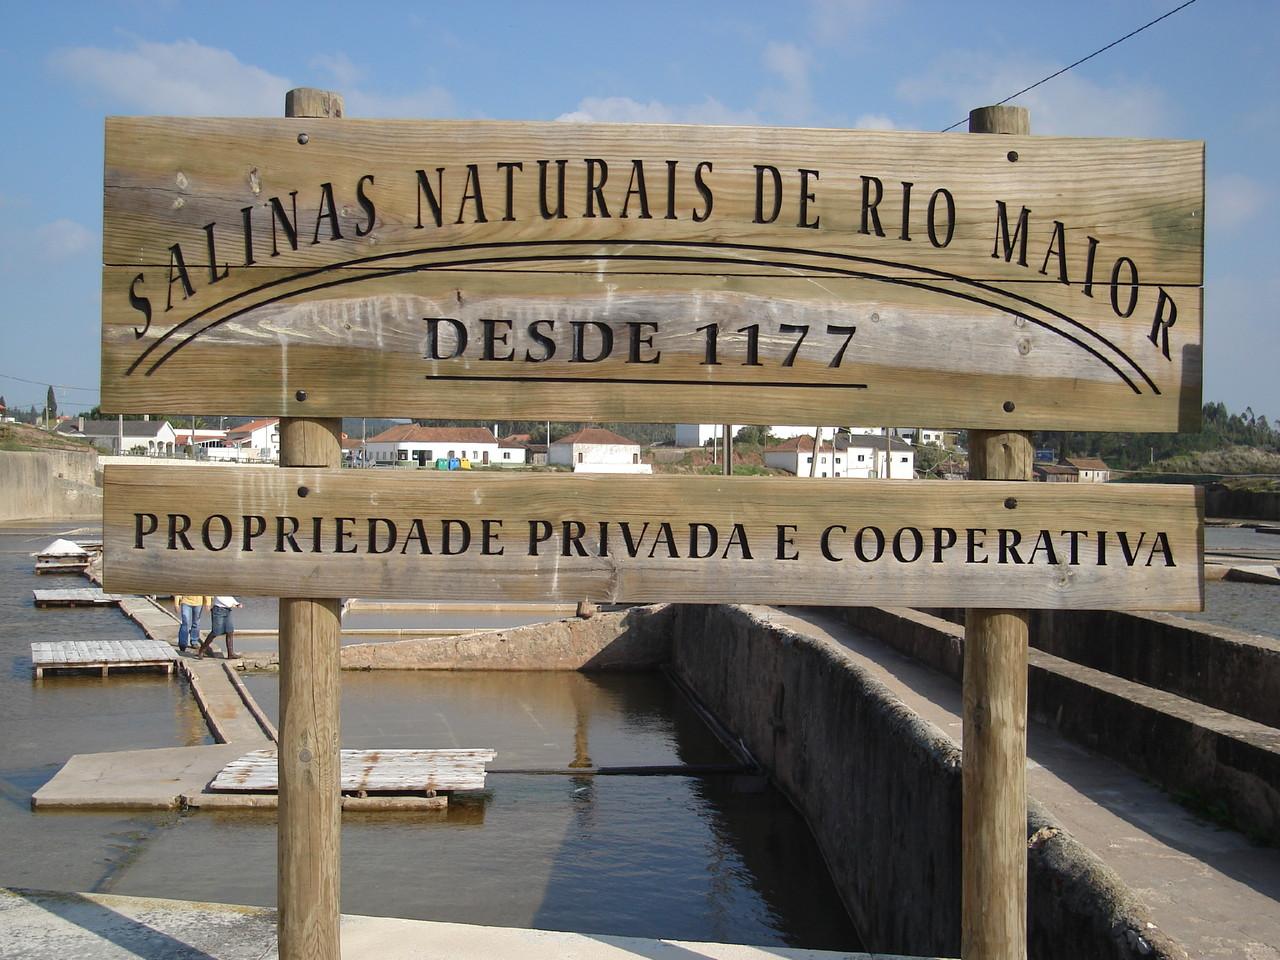 Salinas de Rio Maior.jpg